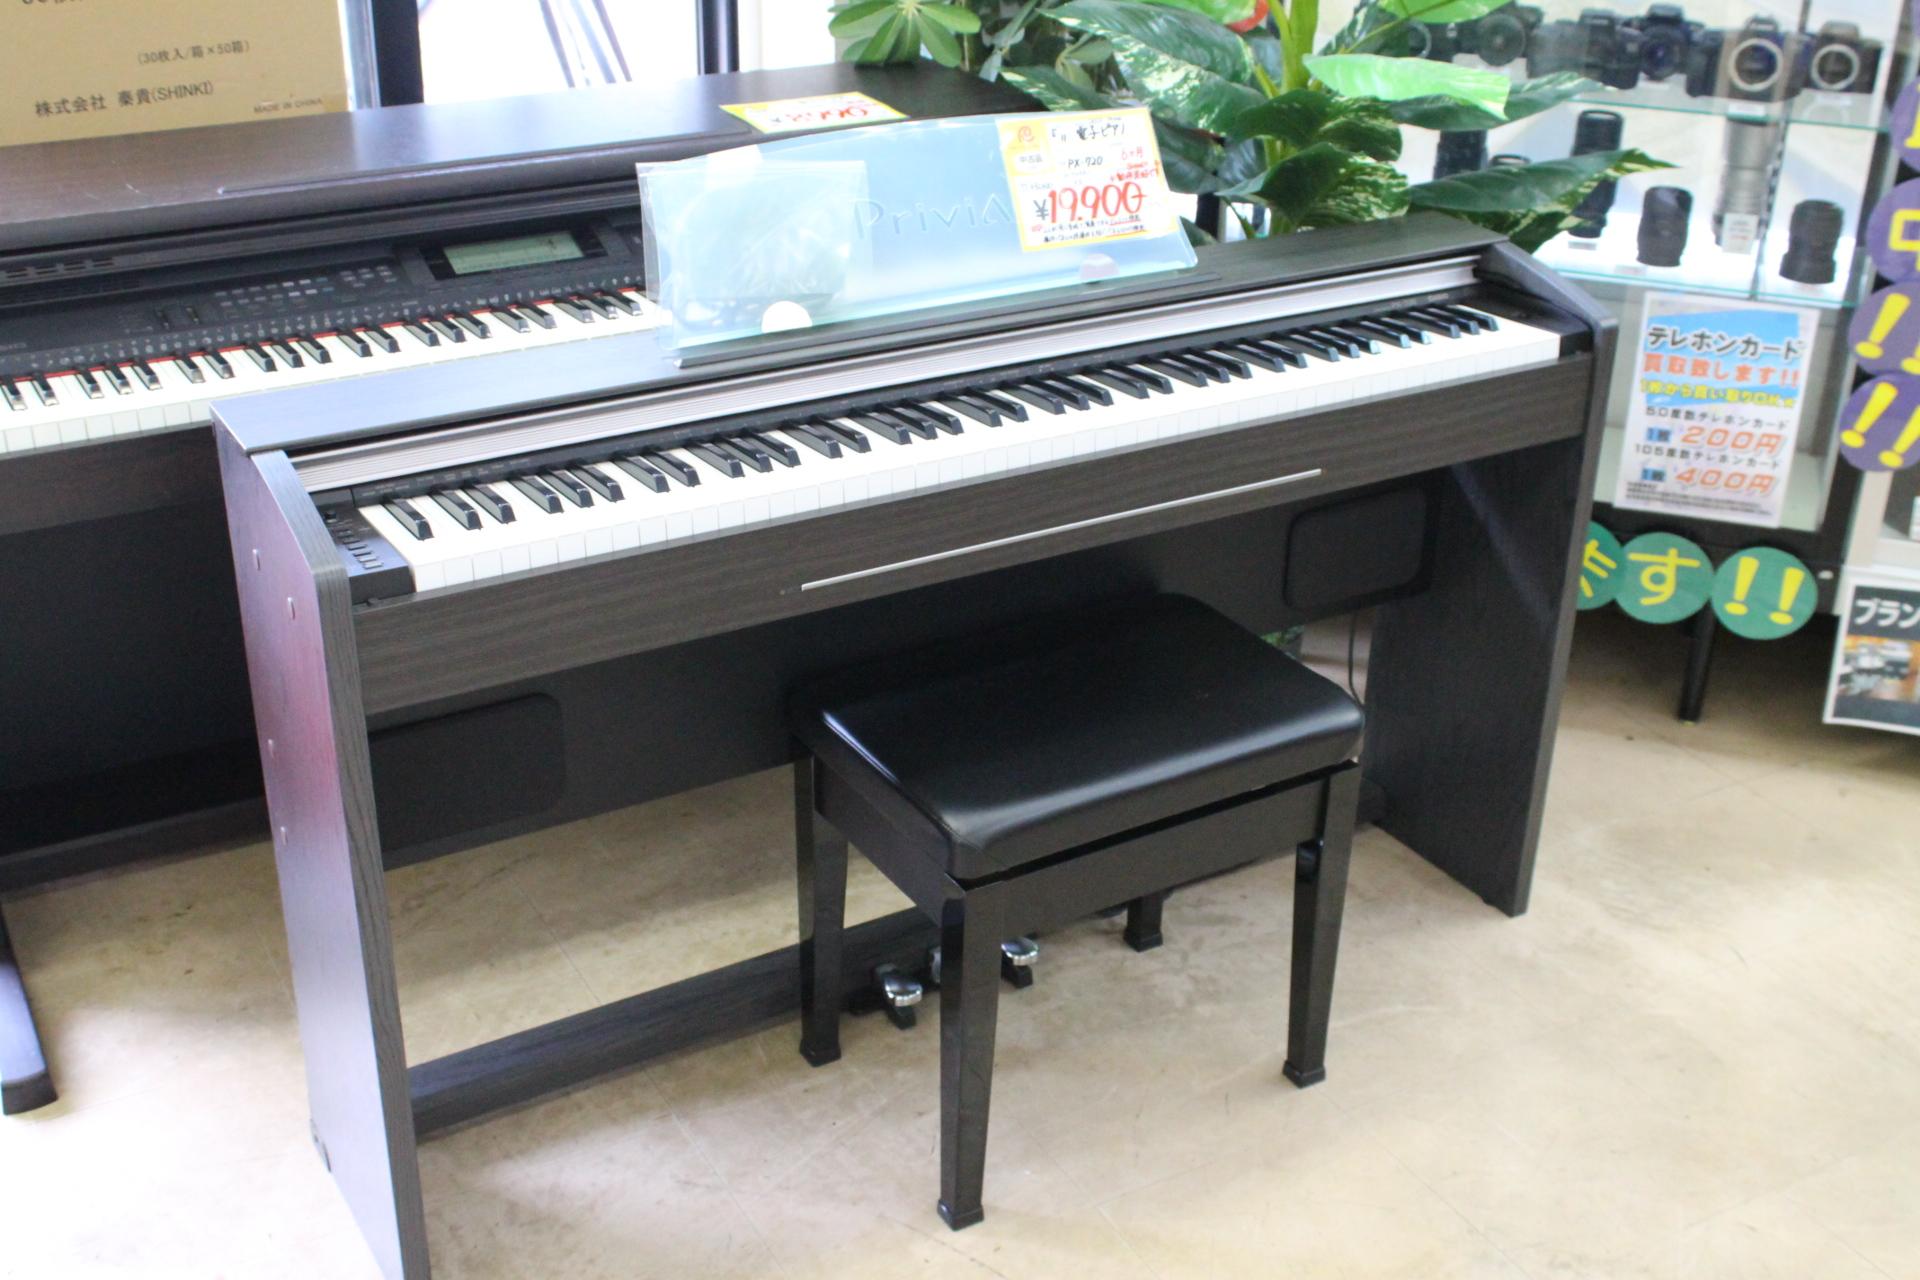 【CASIO カシオ 電子ピアノ Privia プリビア PX-720 ヘッドホン 椅子 付】を買取させて頂きました!の買取-